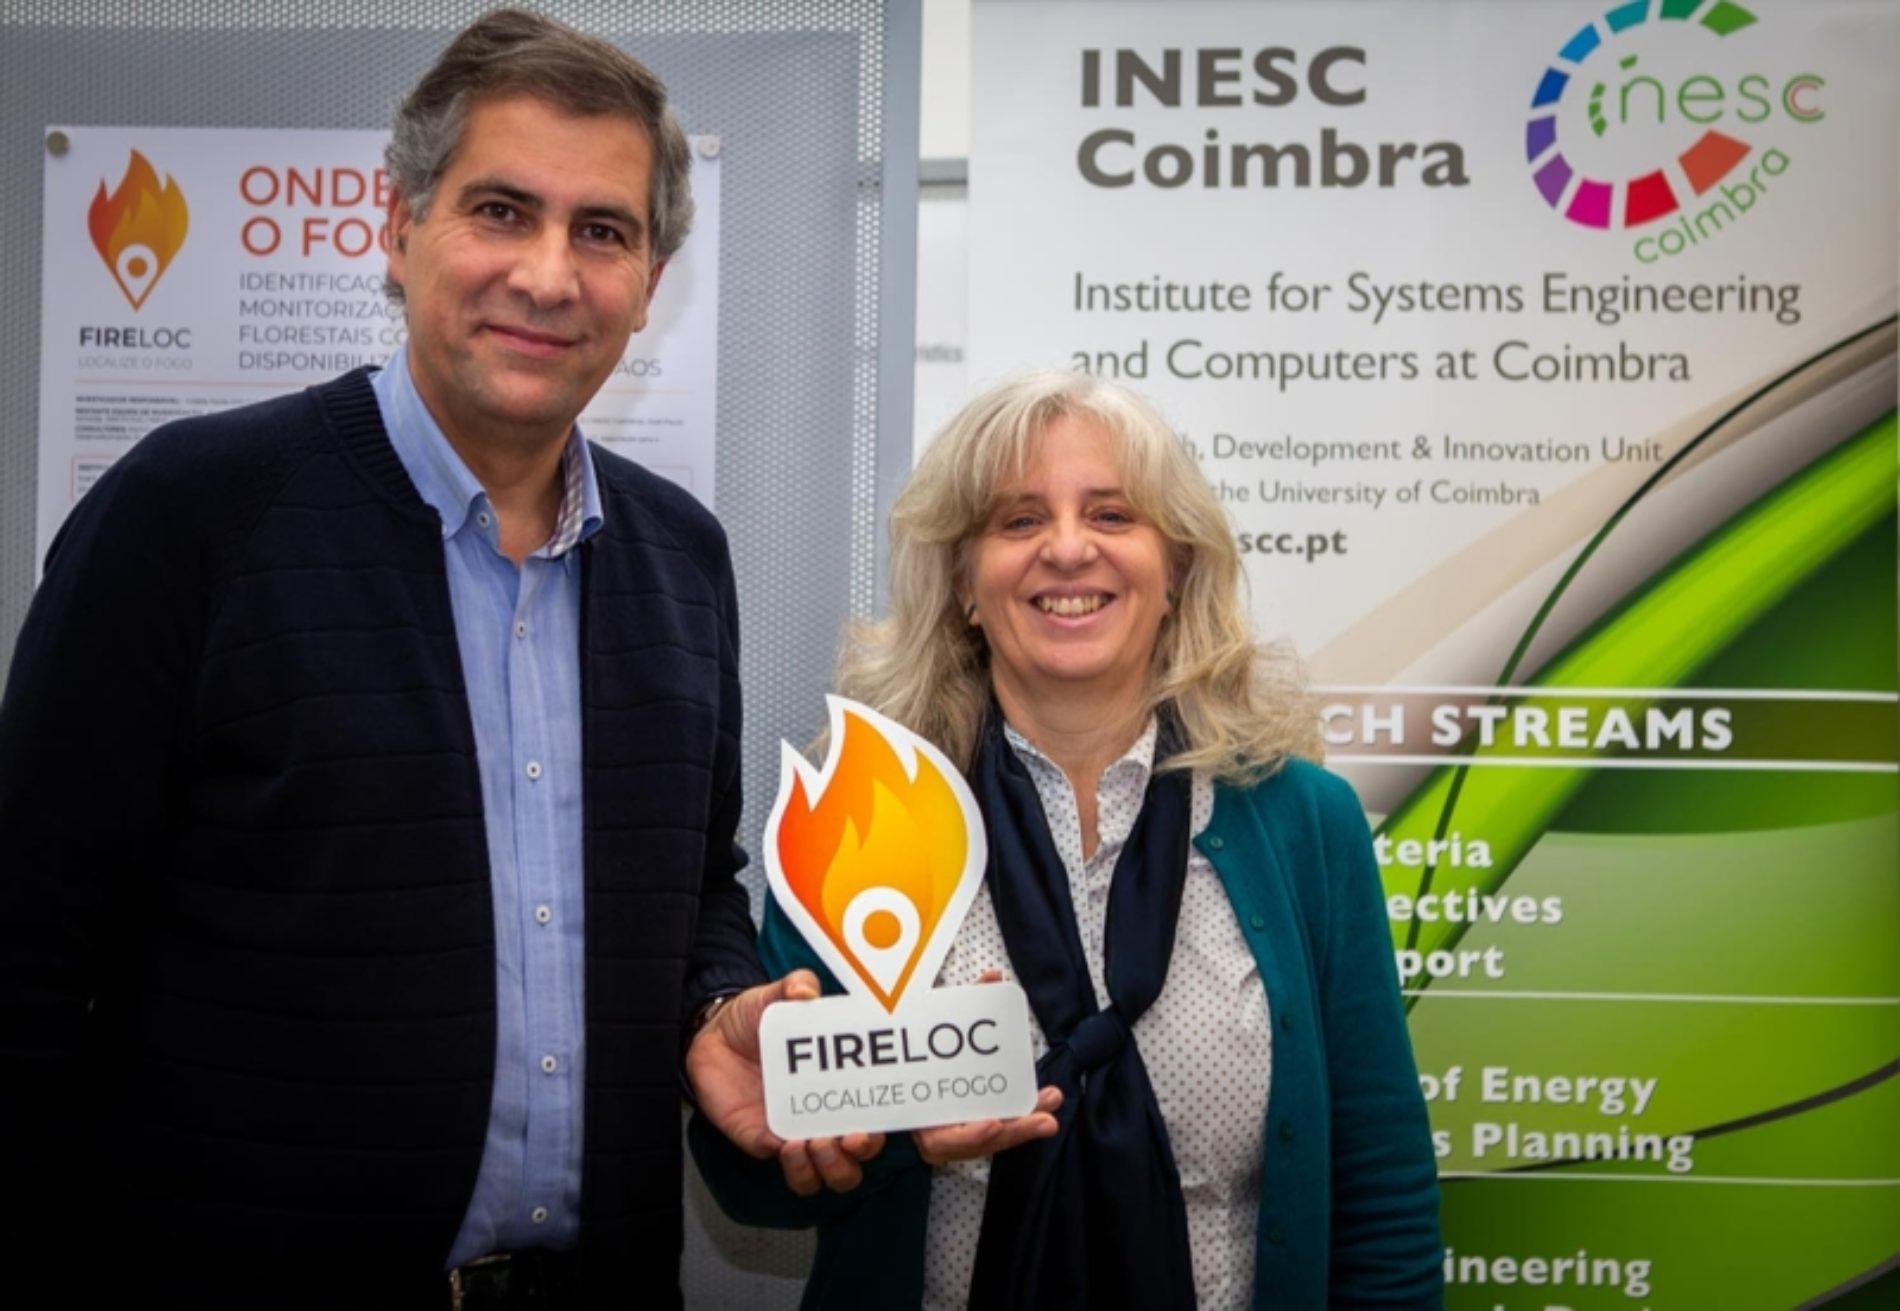 Investigadores do INESC Coimbra e da Universidade de Coimbra desenvolvem aplicação para ajudar a localizar o fogo